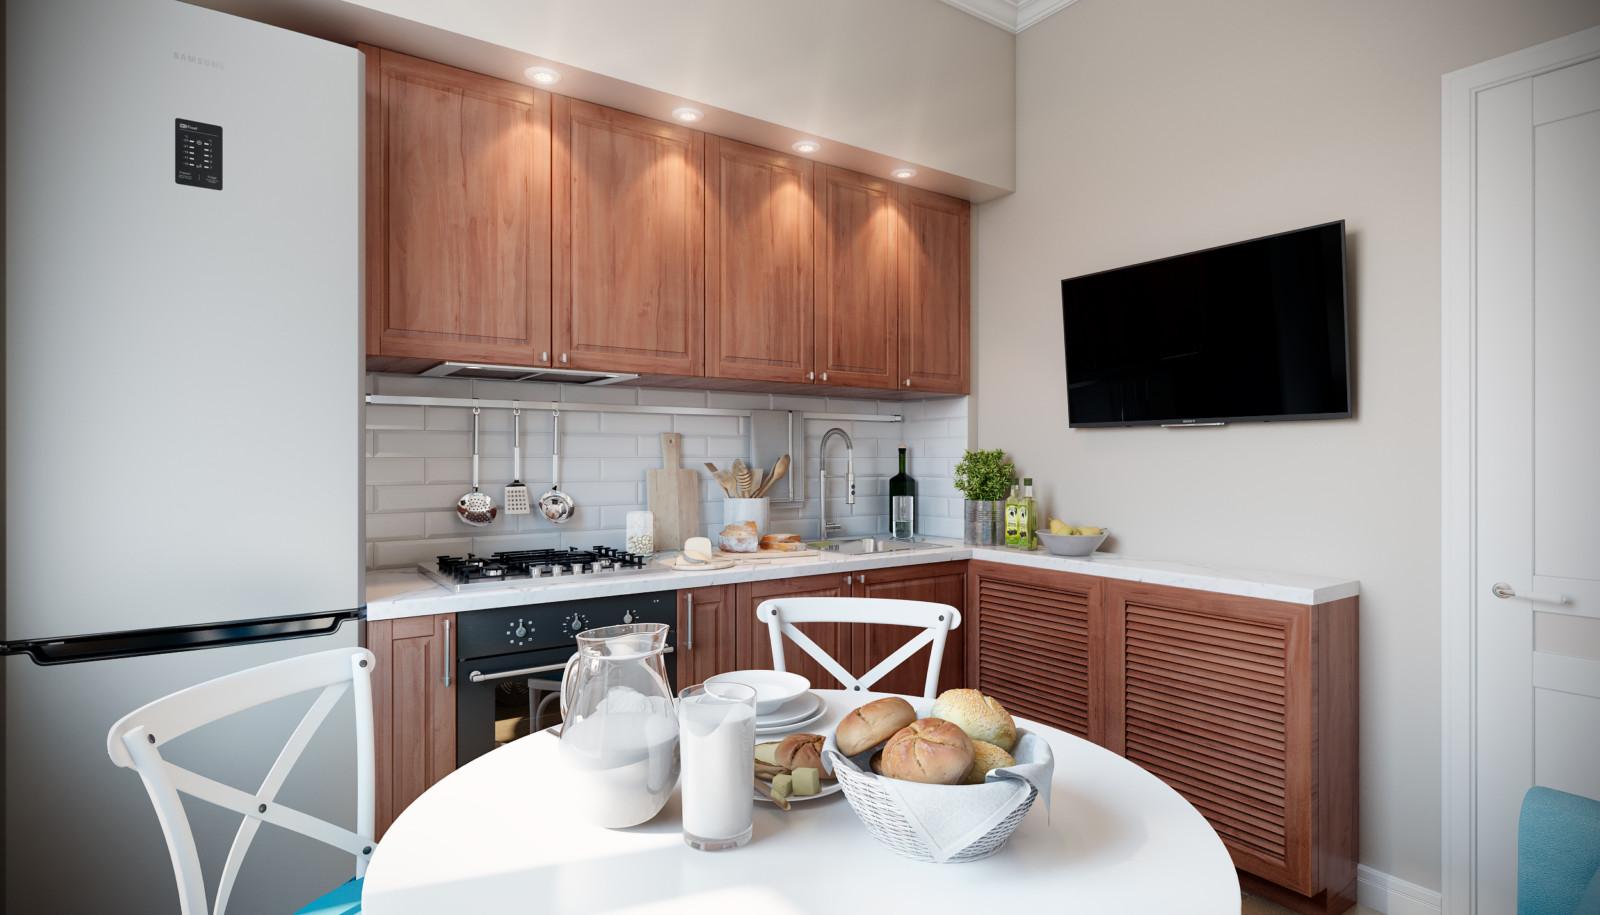 интерьер кухни и обеденной зоной